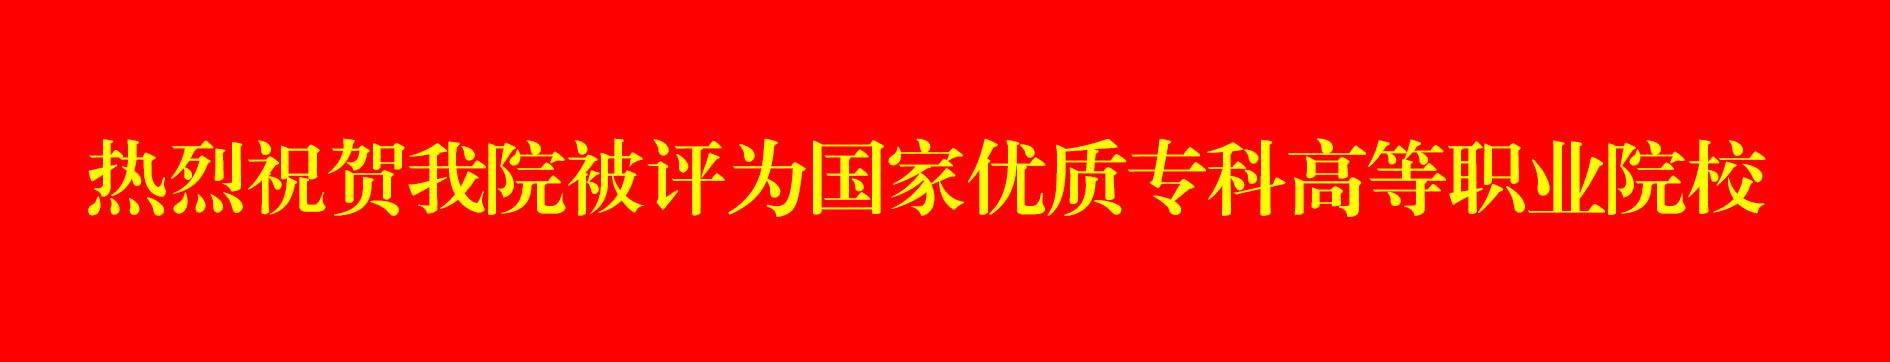 国家优zhi院校